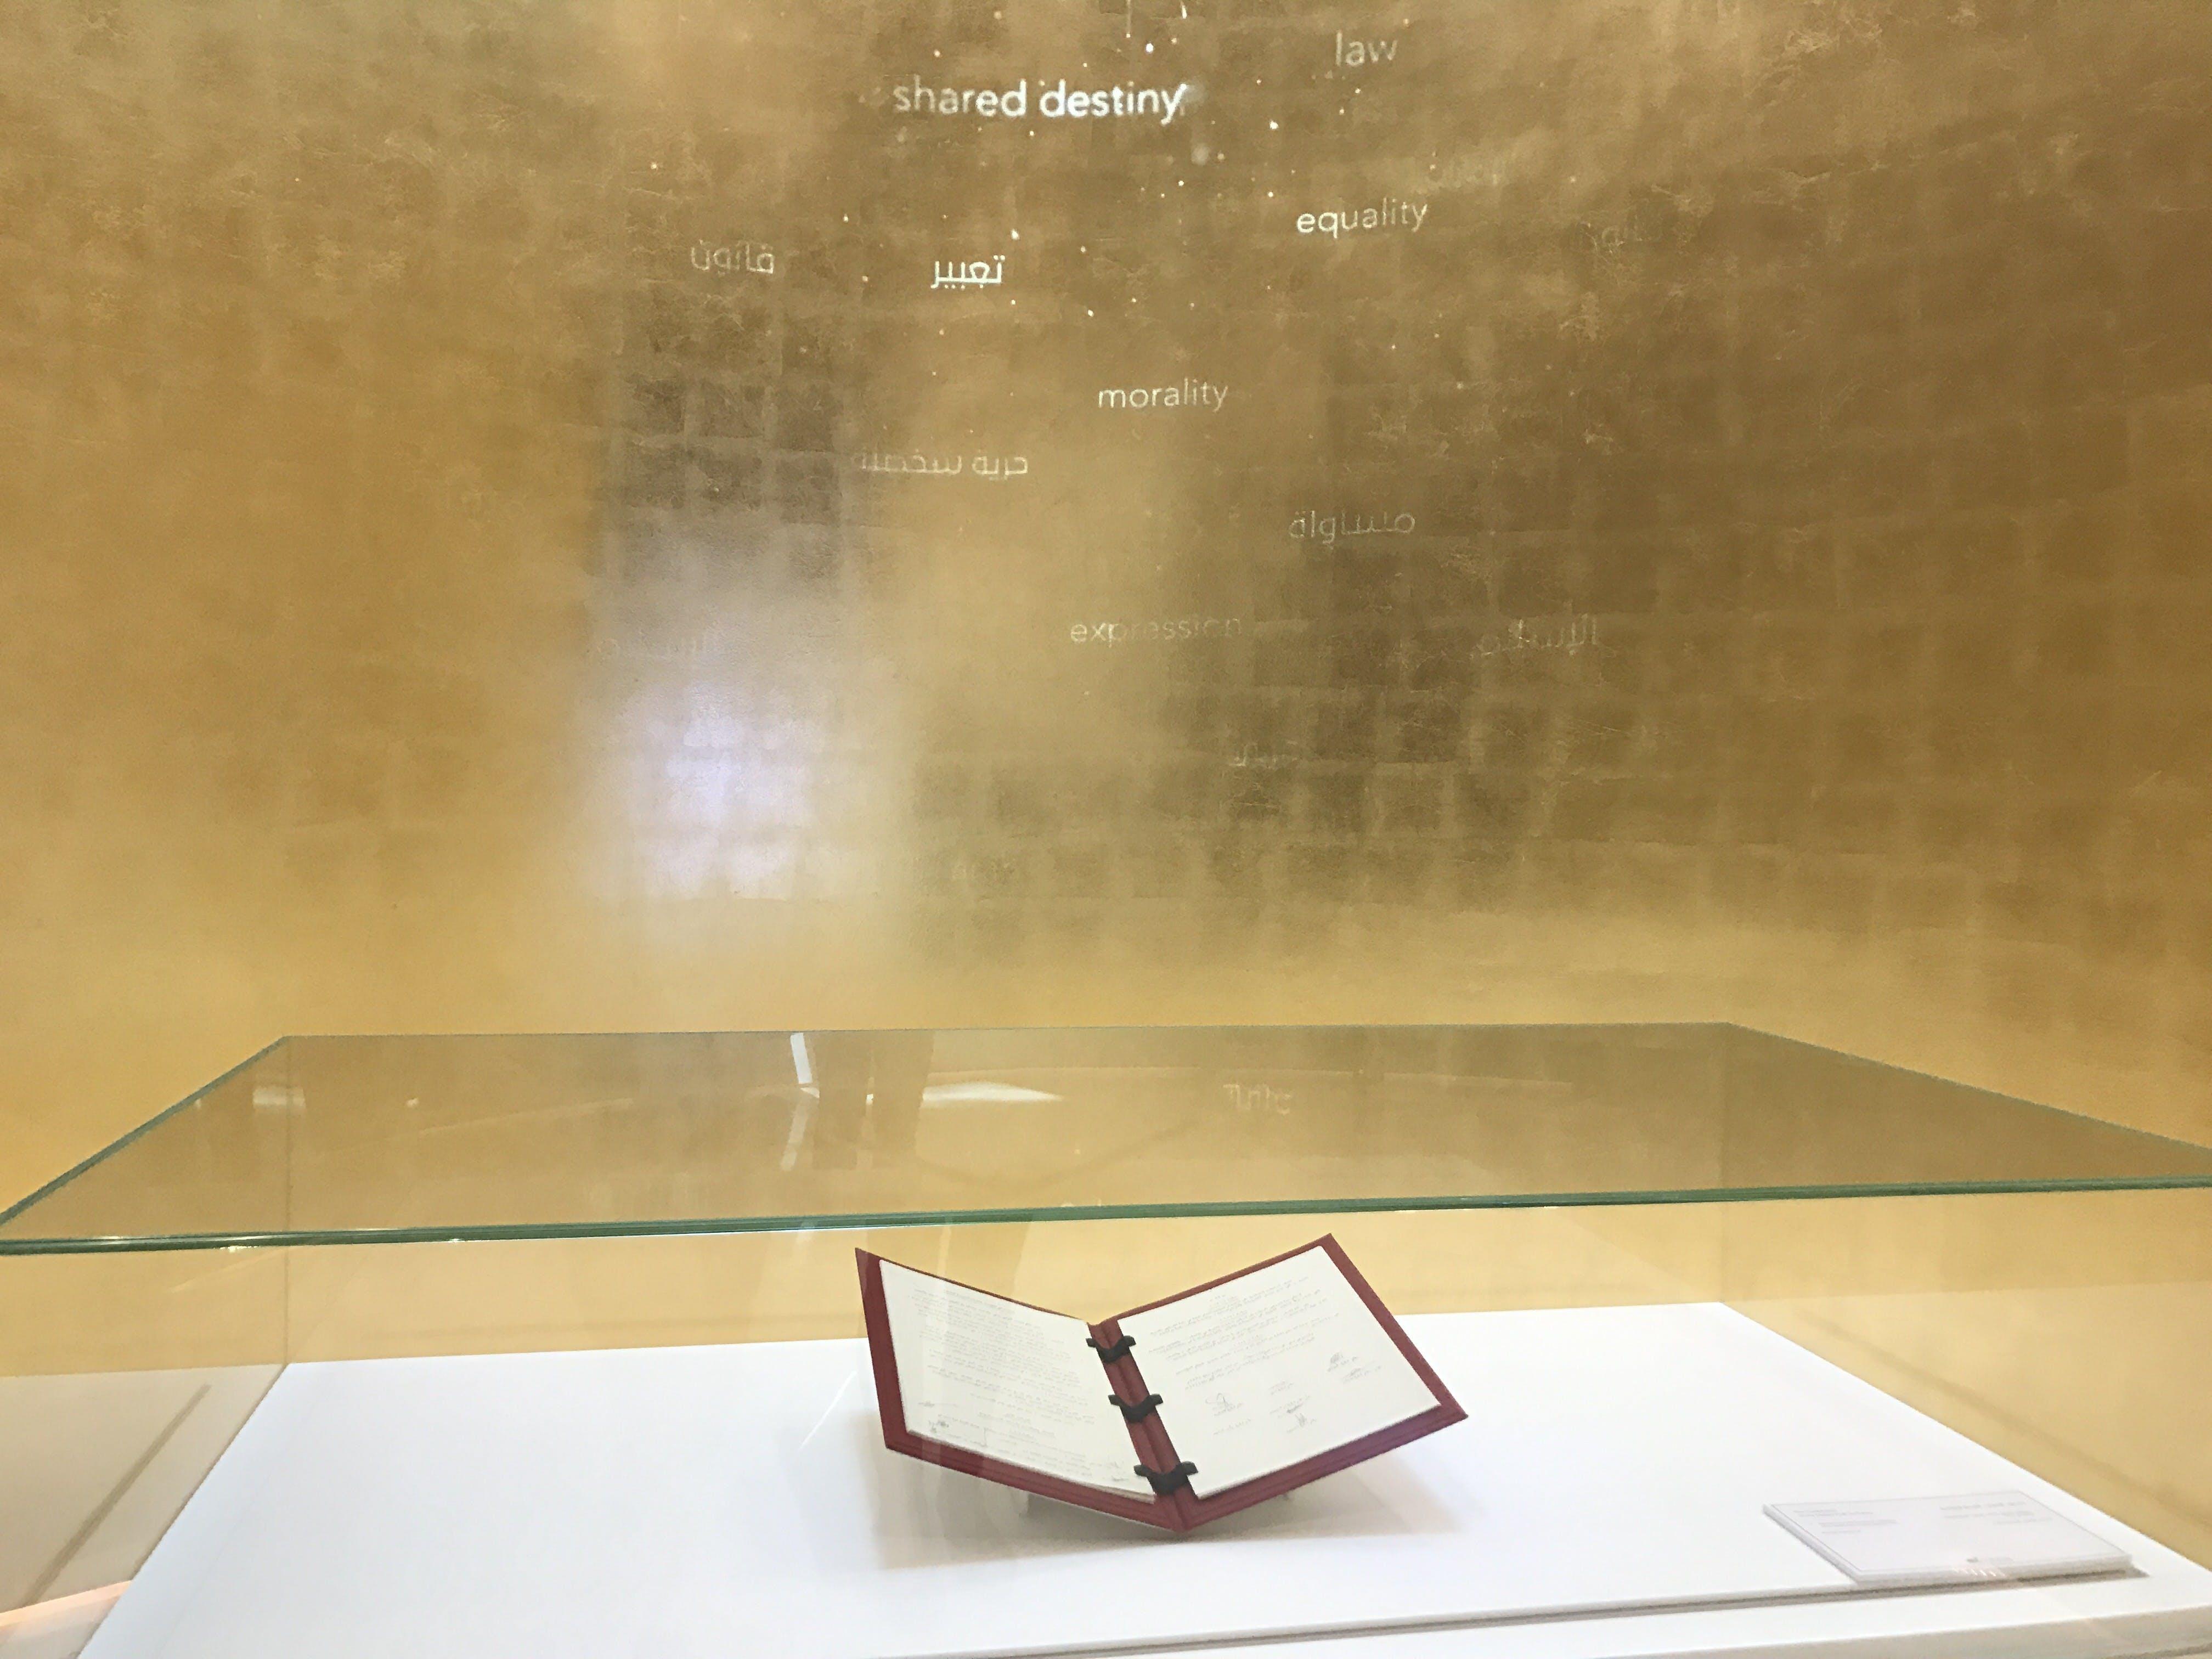 Exhibición del Museo de Dubai Ethiad. JPG